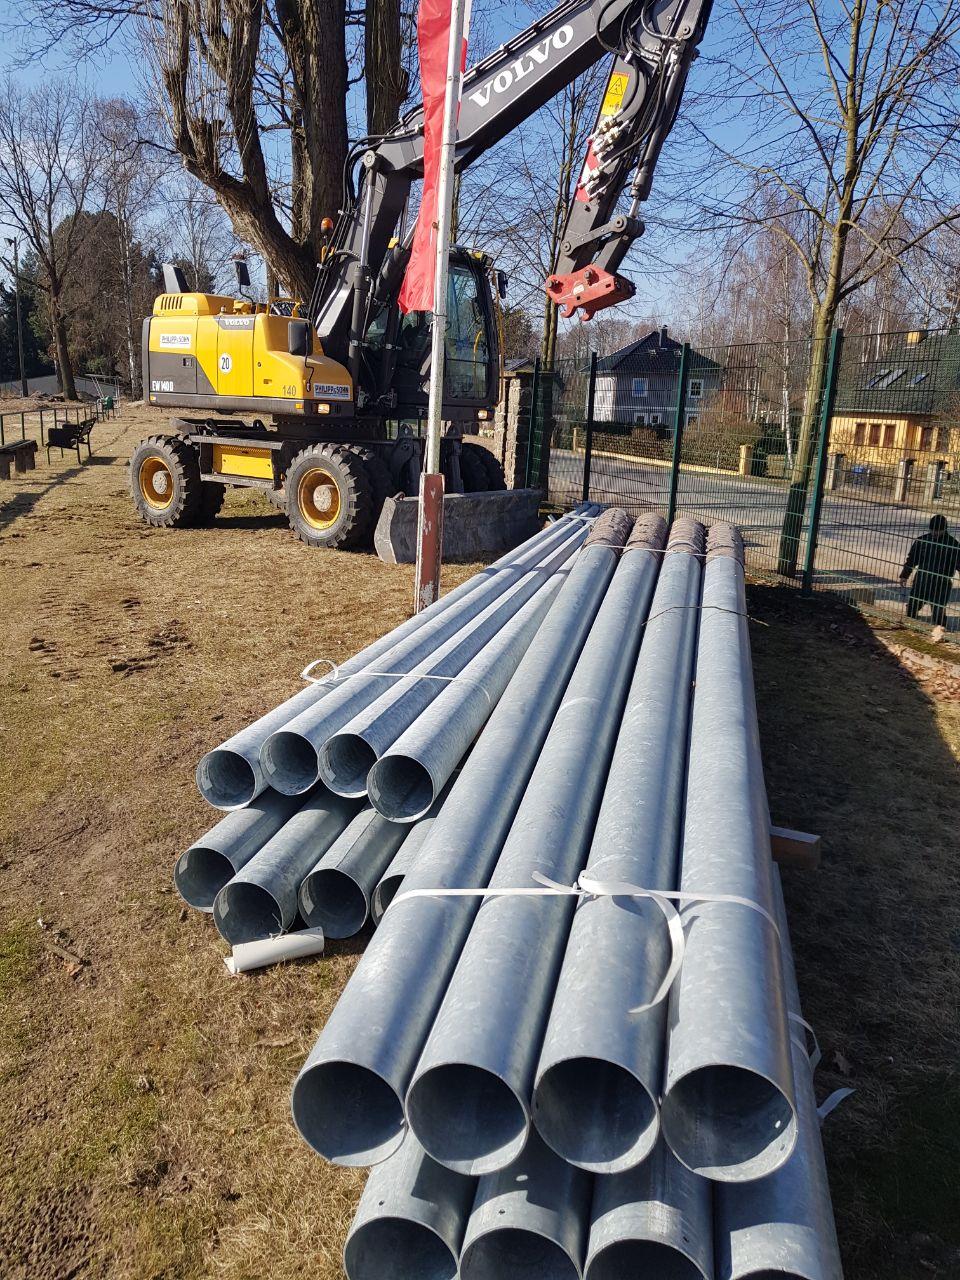 20180301 Masten für die Flutlichtanlage